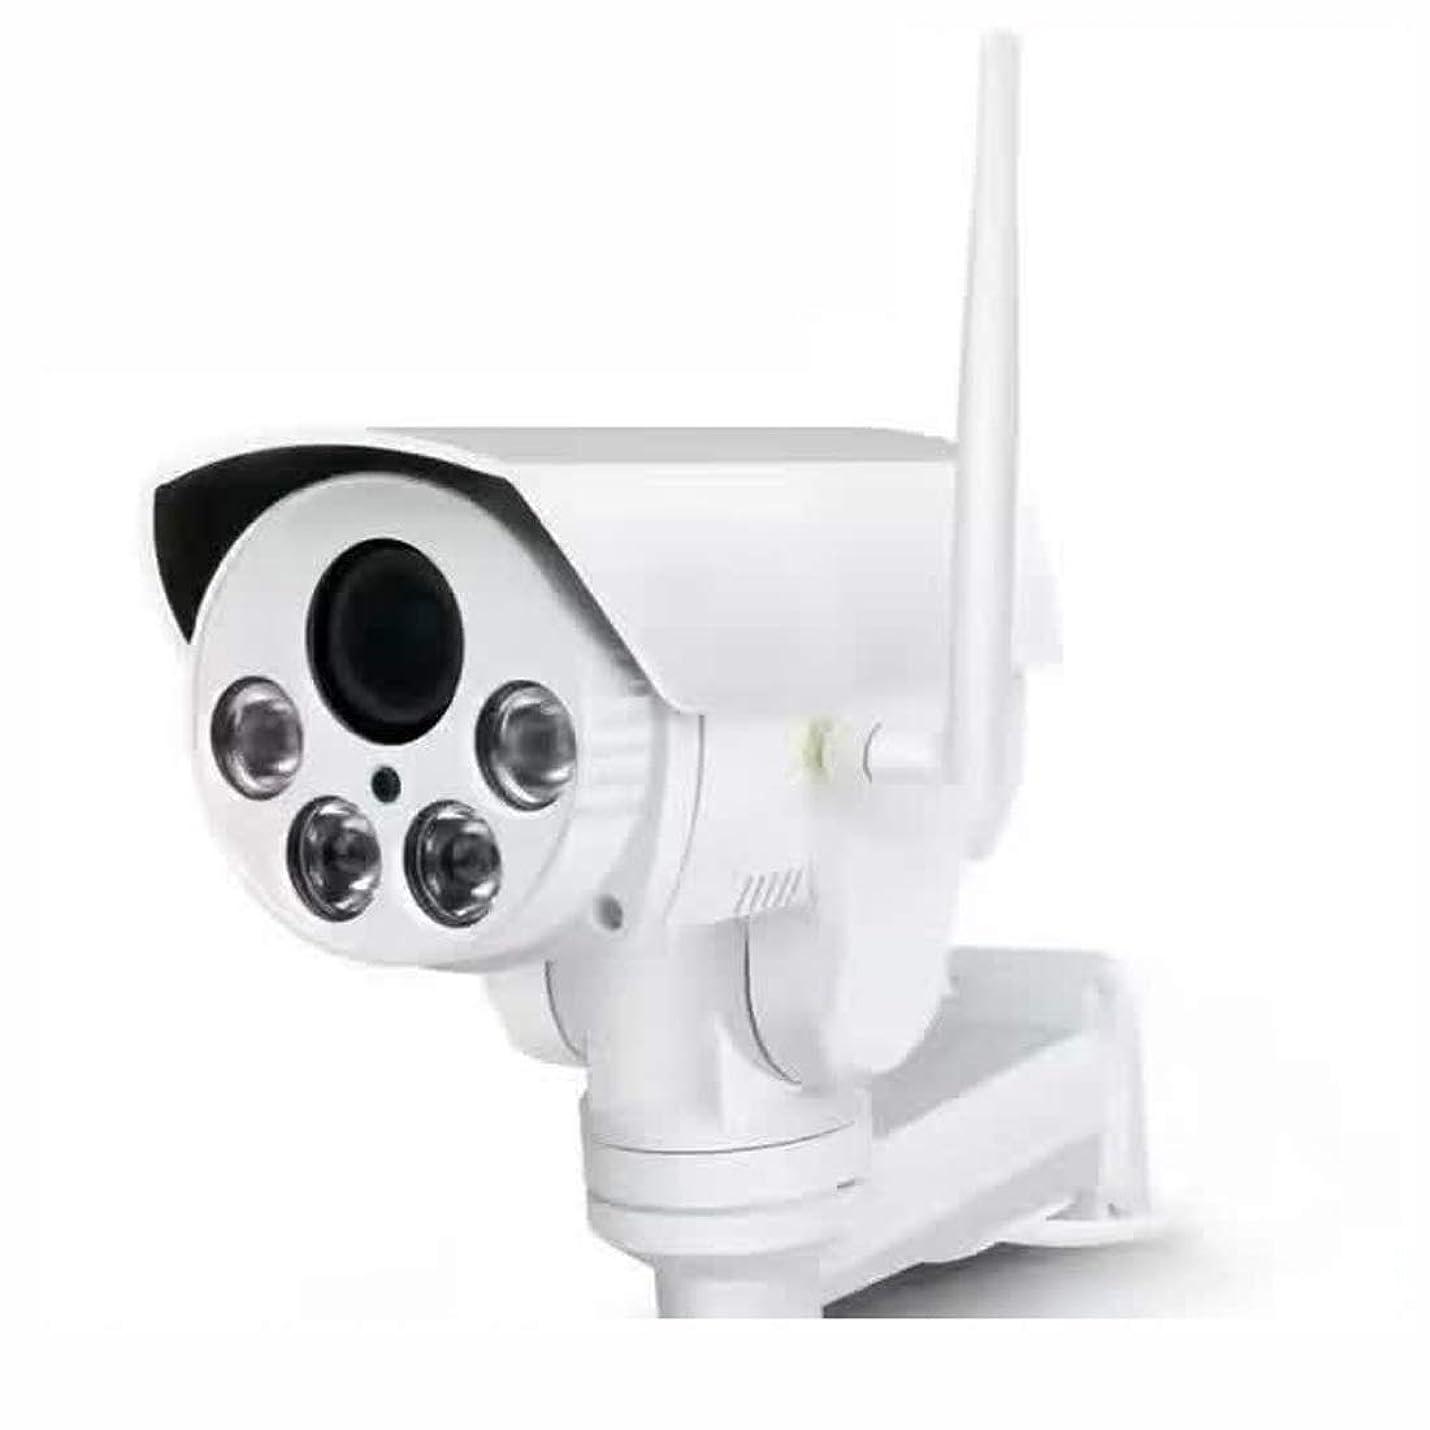 ねばねばメアリアンジョーンズ機動人民の東の道 屋外回転ワイヤレスカメラパン/チルト監視wifiリモート監視ズームカメラ